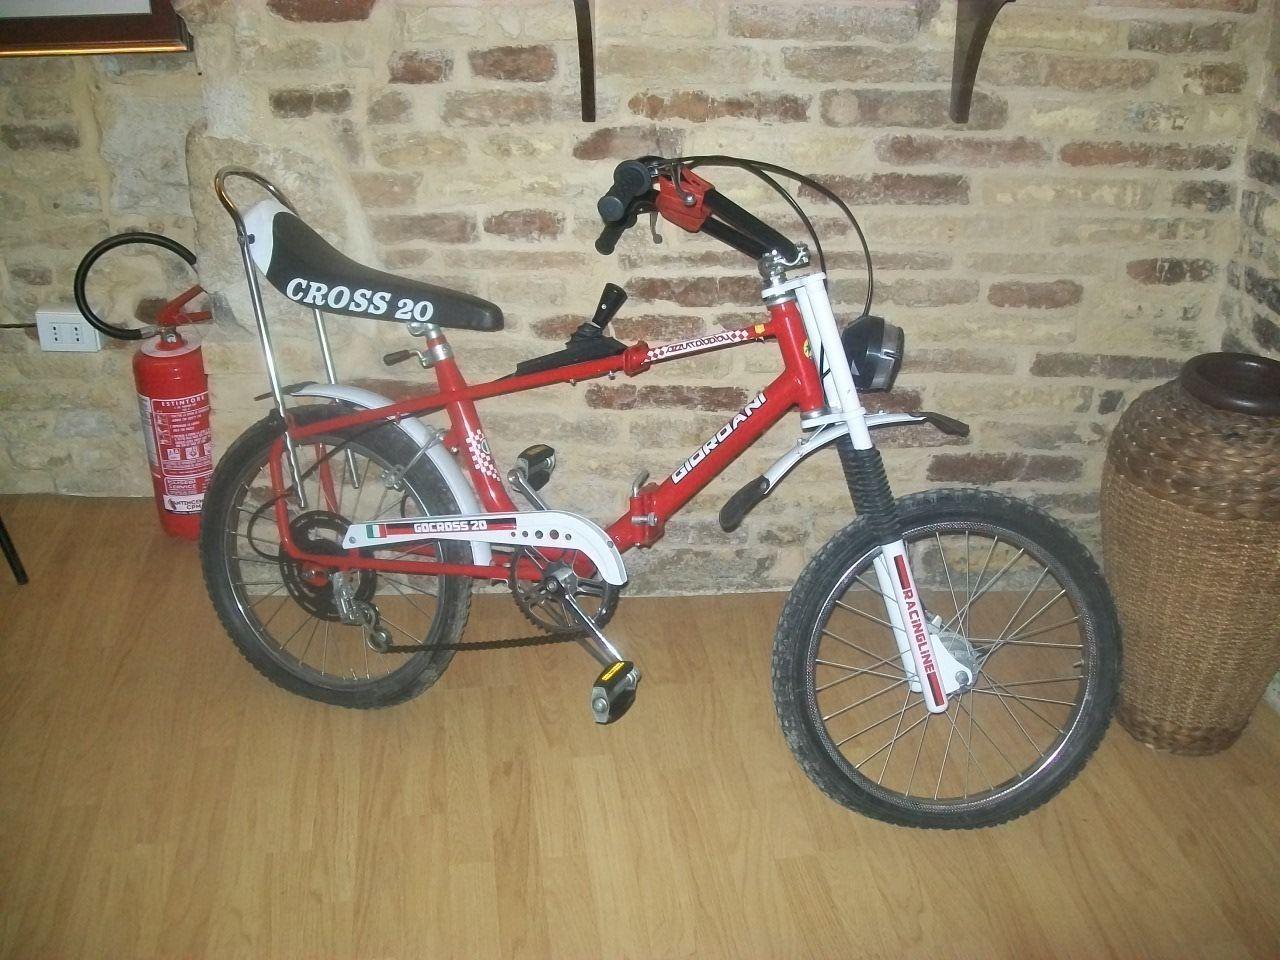 Giordani Bicicletta Cross Da Bambino Originale Vintage Fondo Di